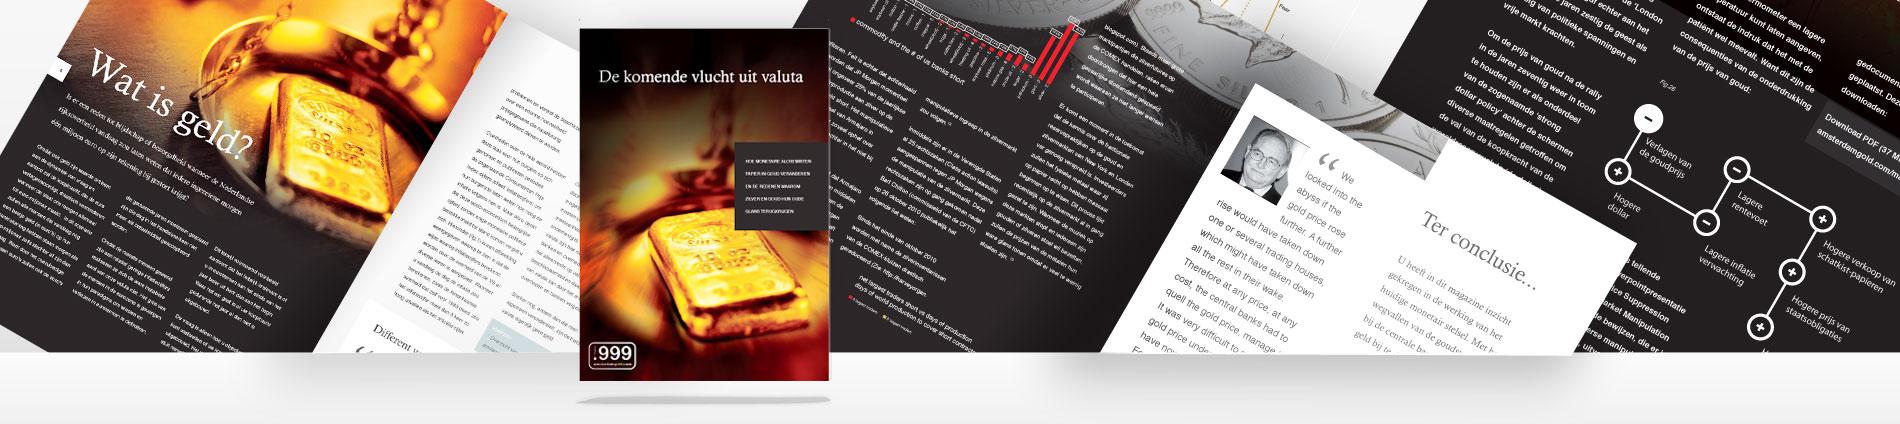 amsterdamgold, brochure ontwerp, magento webshop, magento webwinkel, vindbaarheid verbeteren, seo, sea